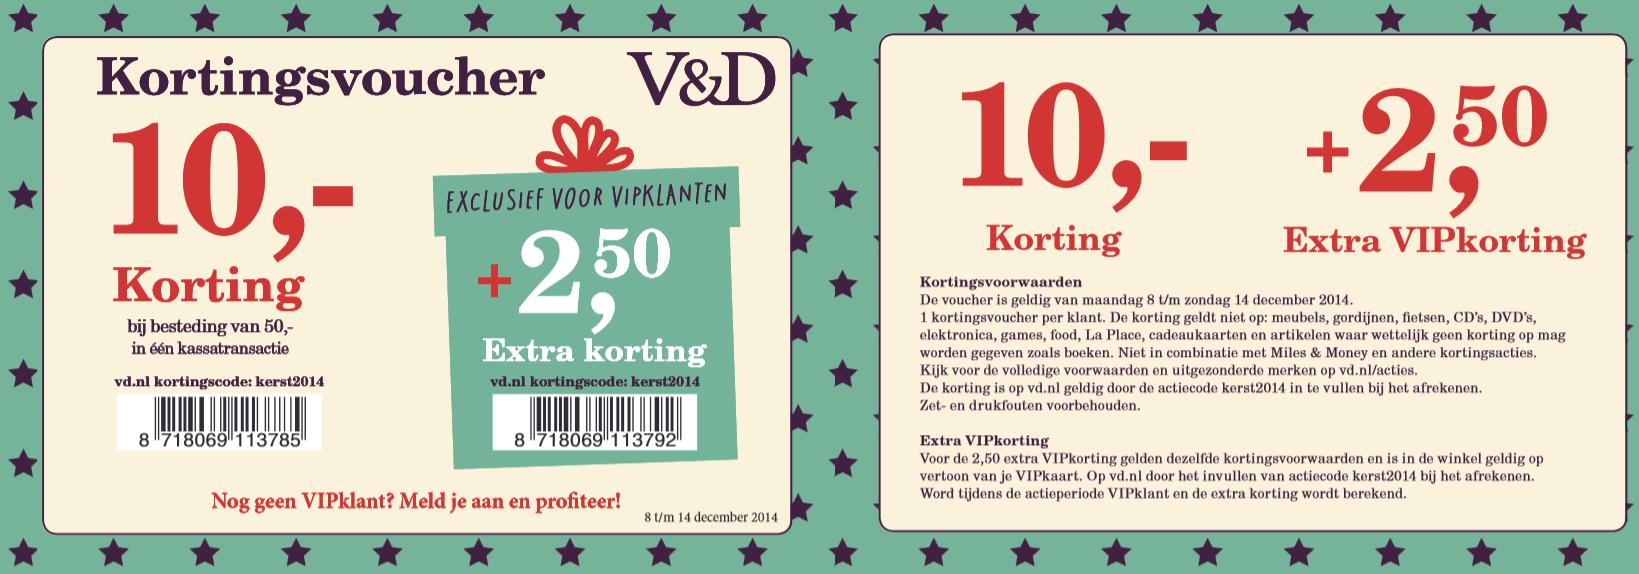 €10 korting + €2,50 extra voor VIP klanten door kortingscode @ V&D